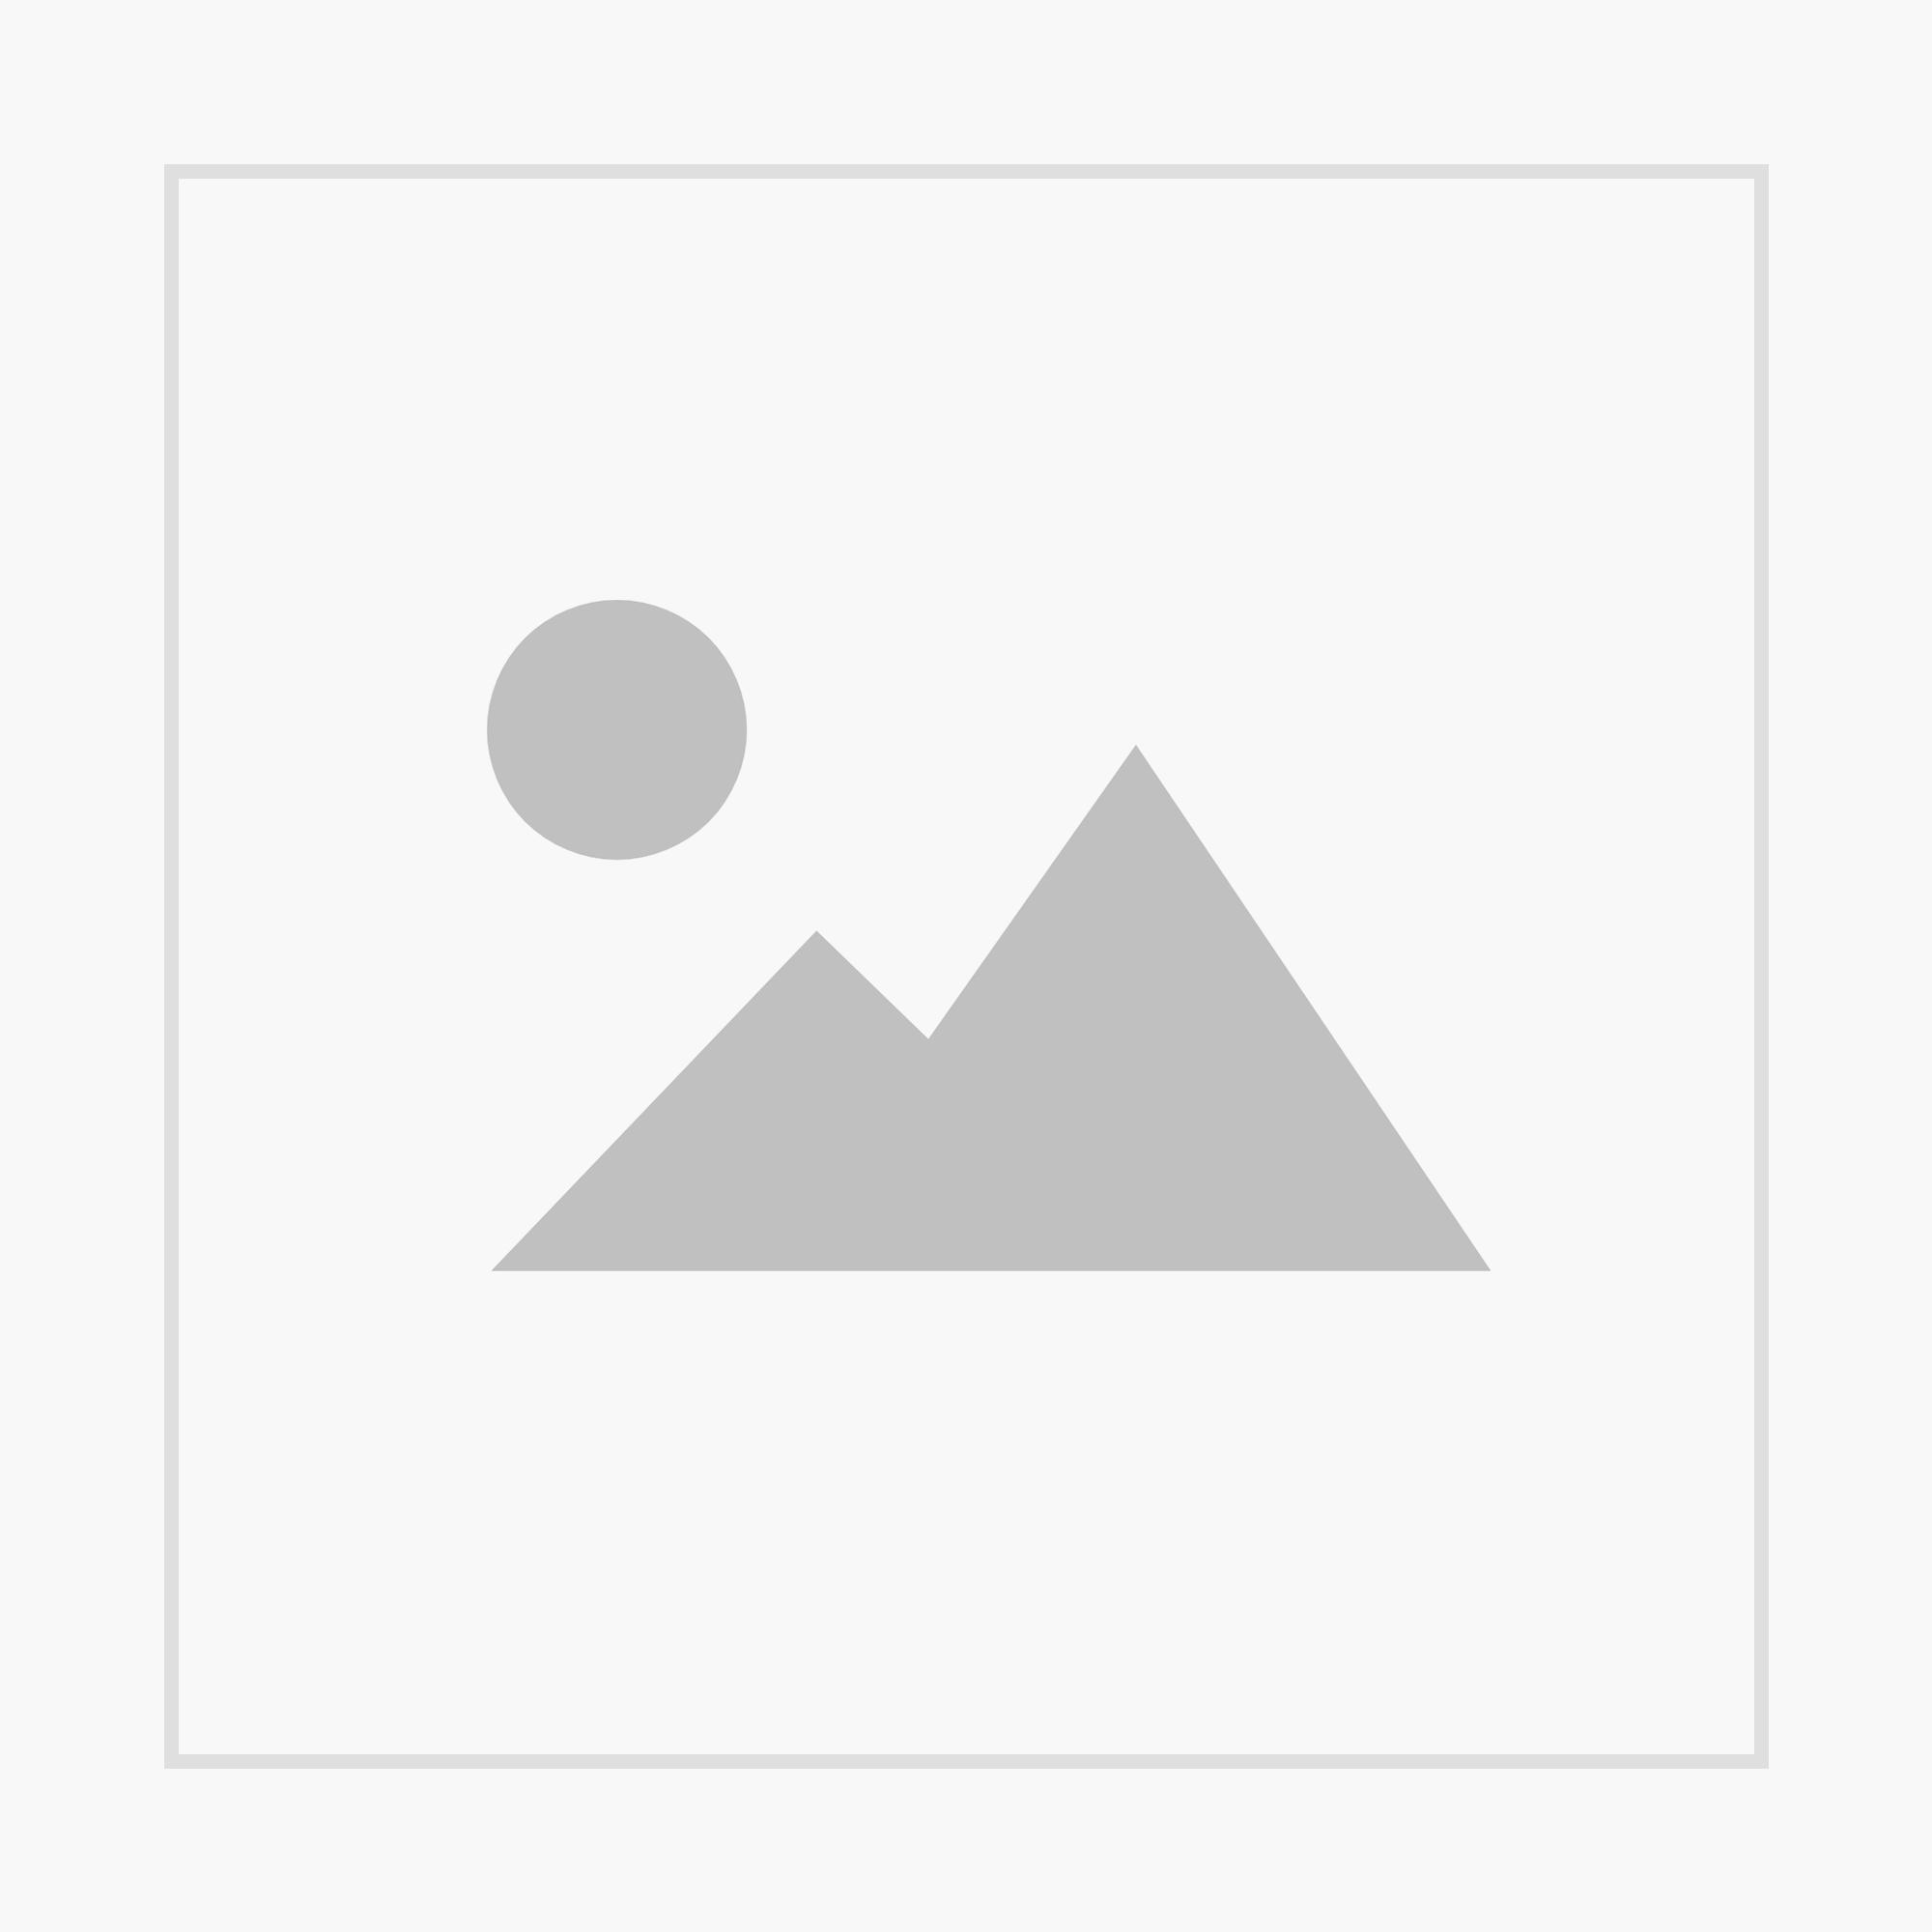 hygge 6 (3/2018)